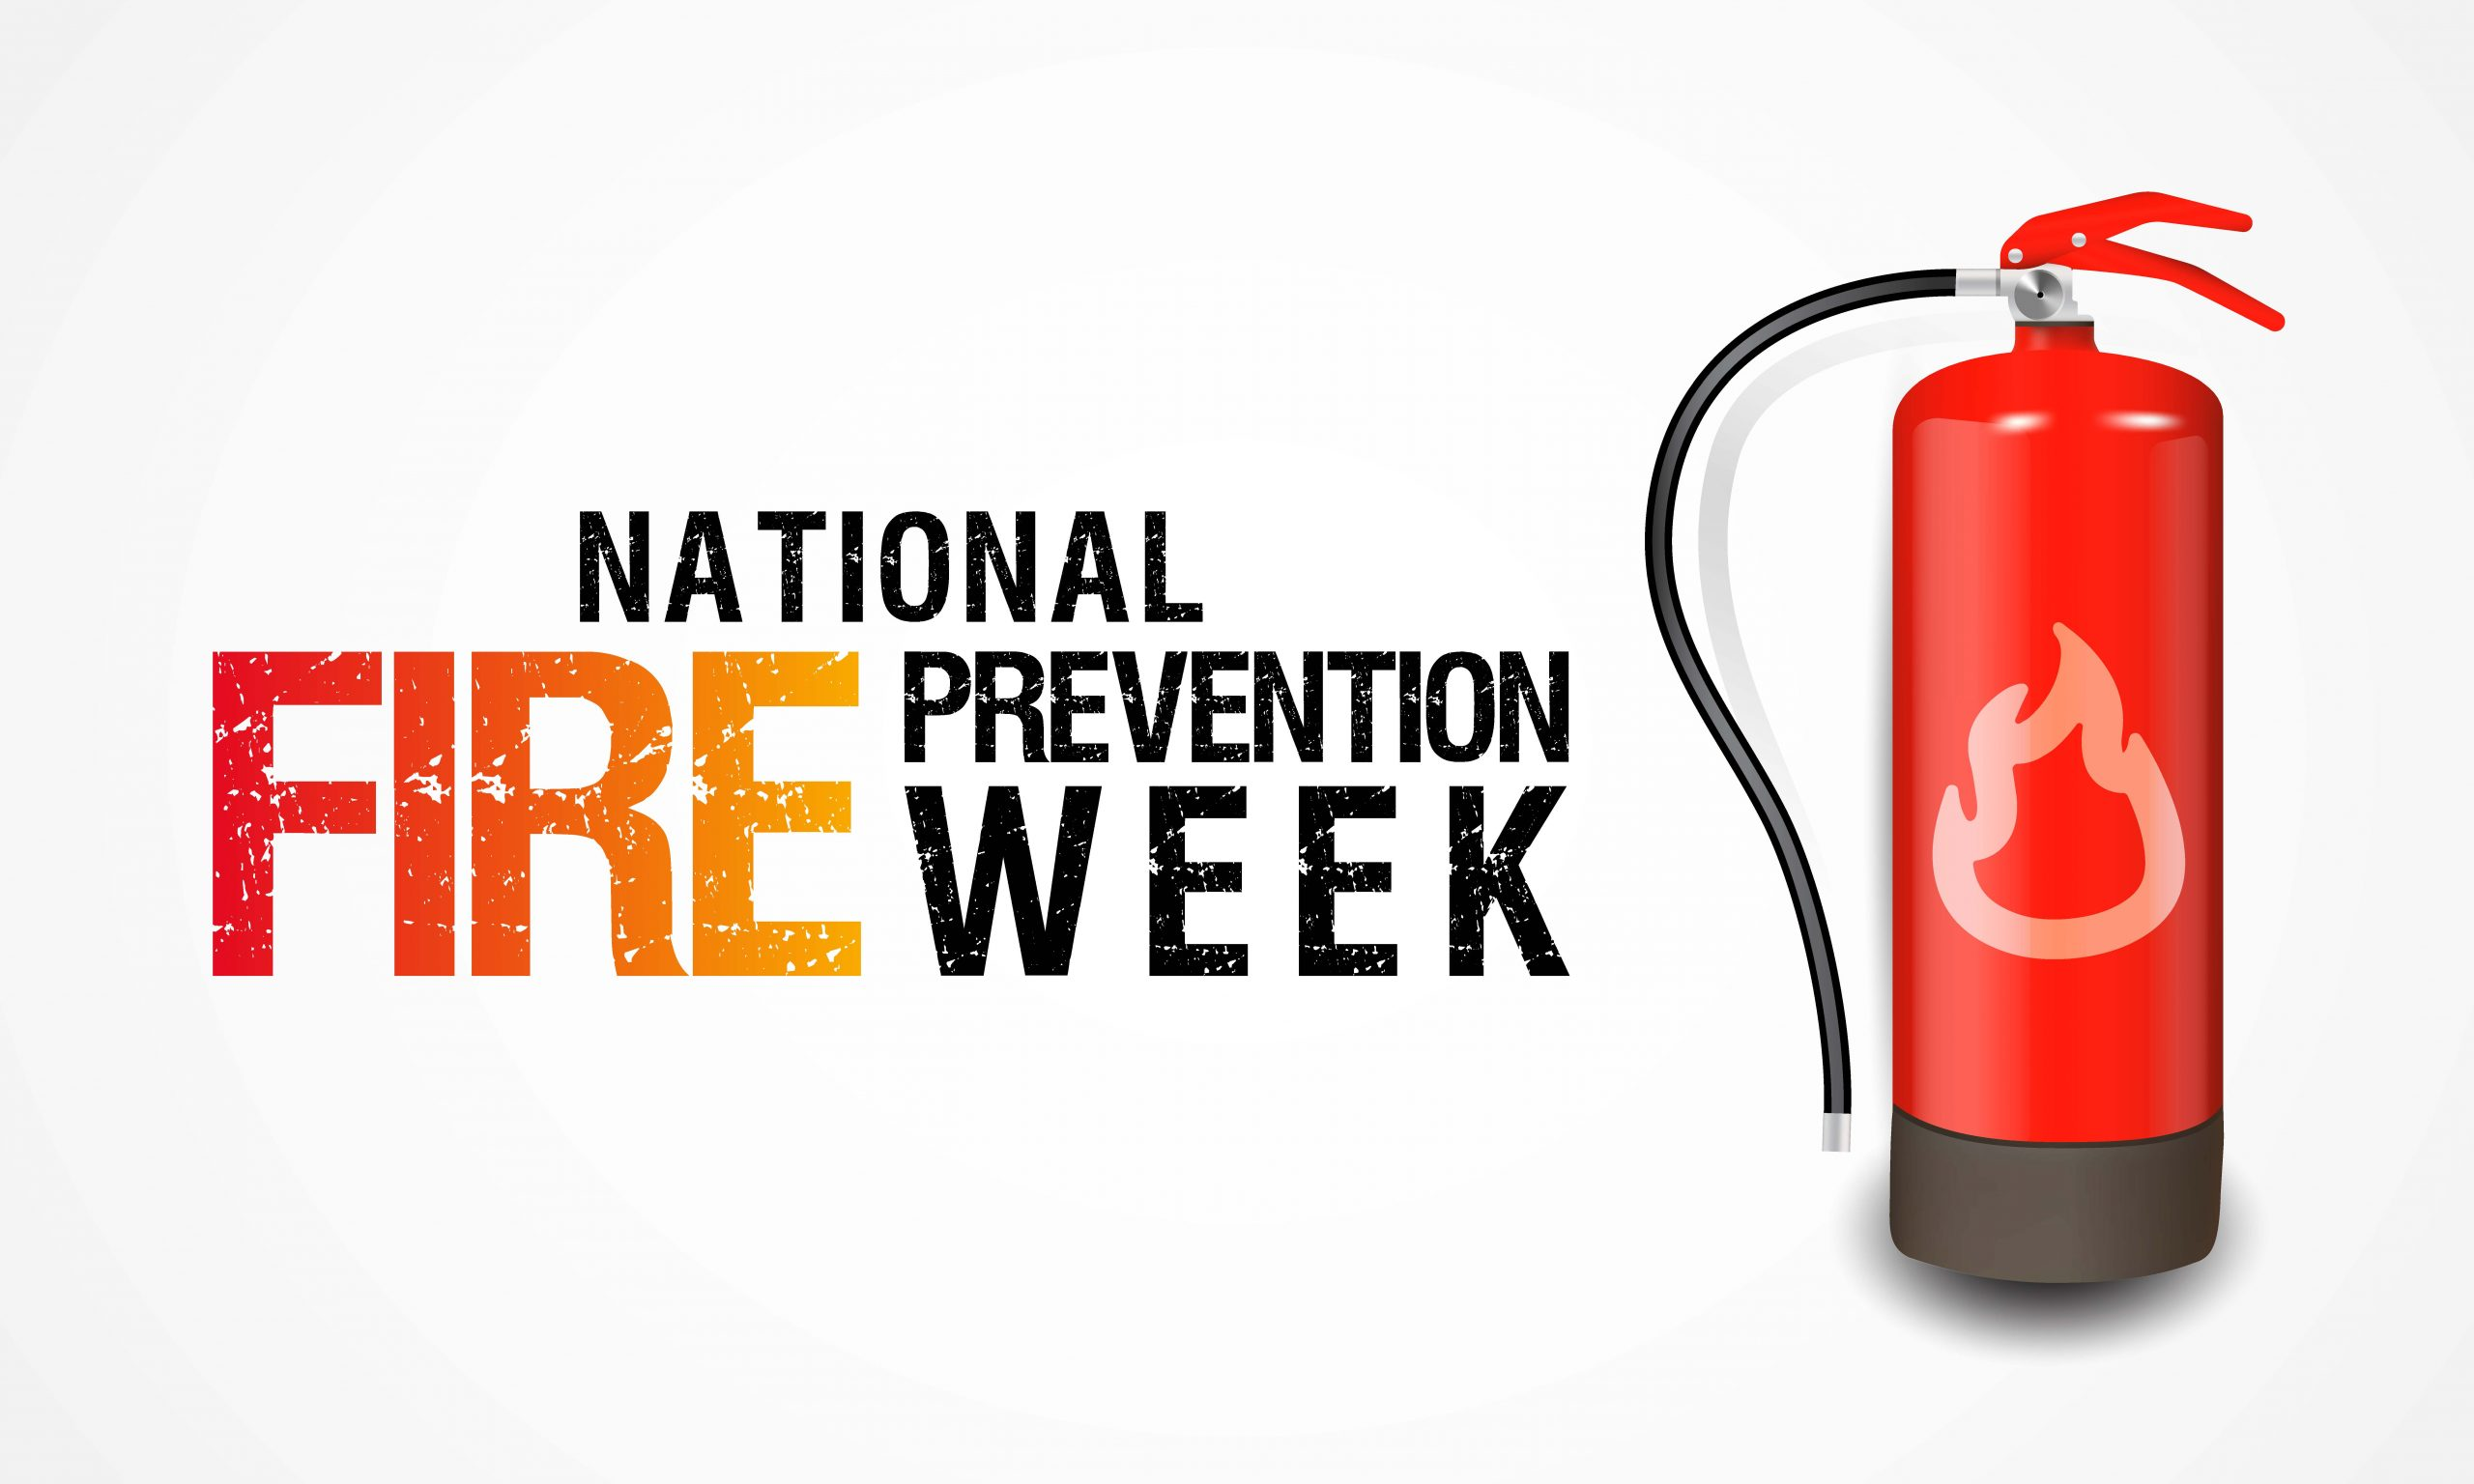 保护你的家:防火周